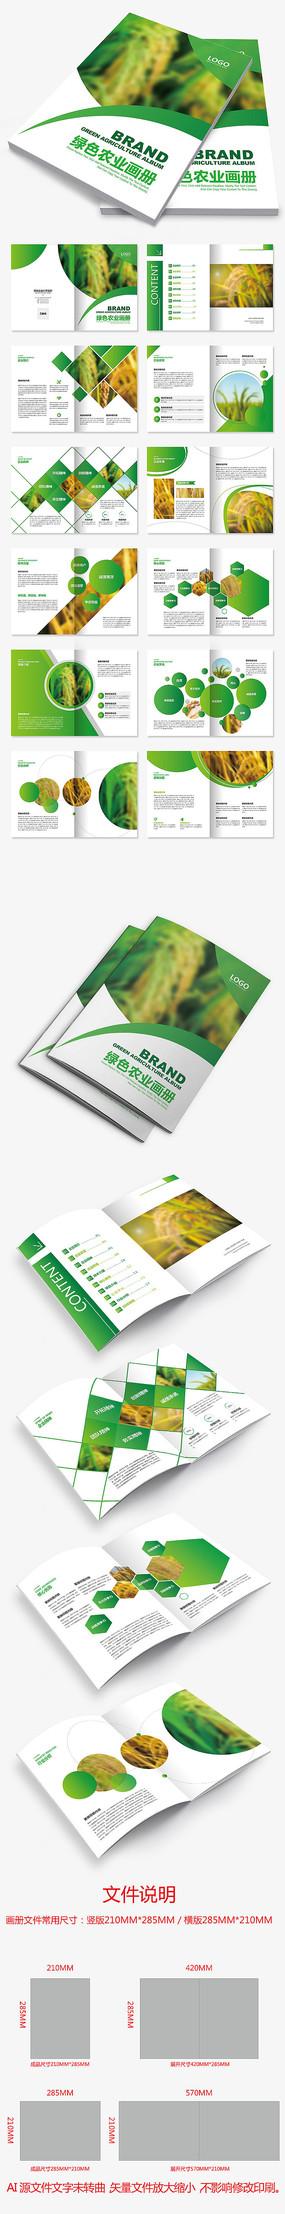 绿色水稻小麦农业画册